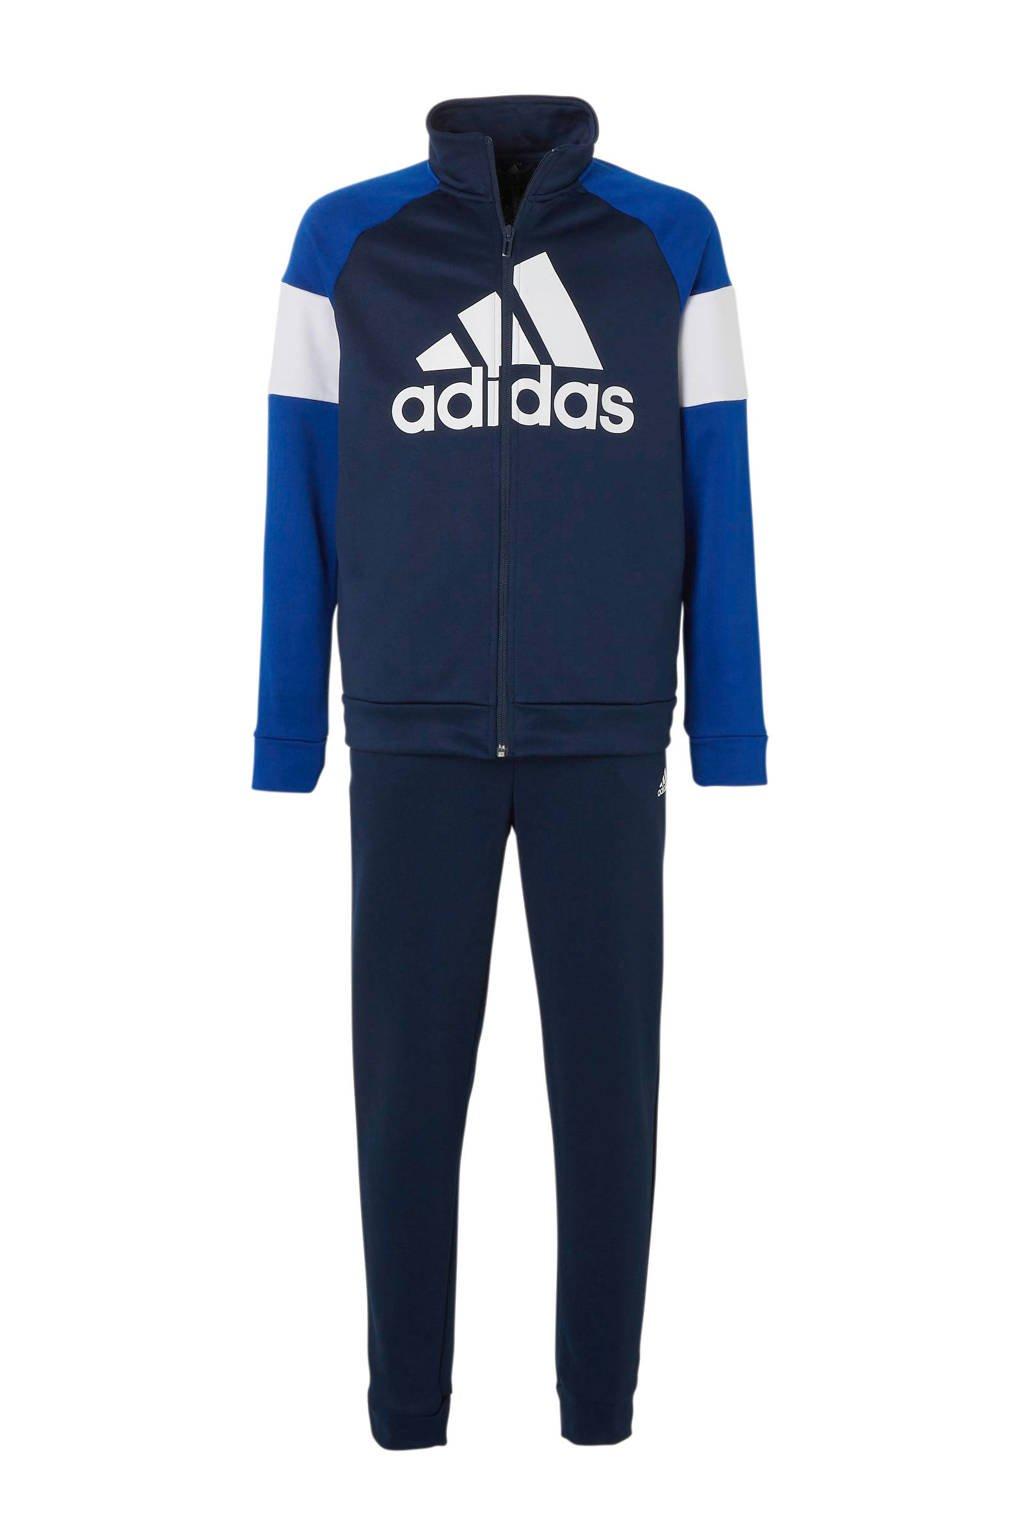 adidas performance   trainingspak blauw/wit, Blauw/wit